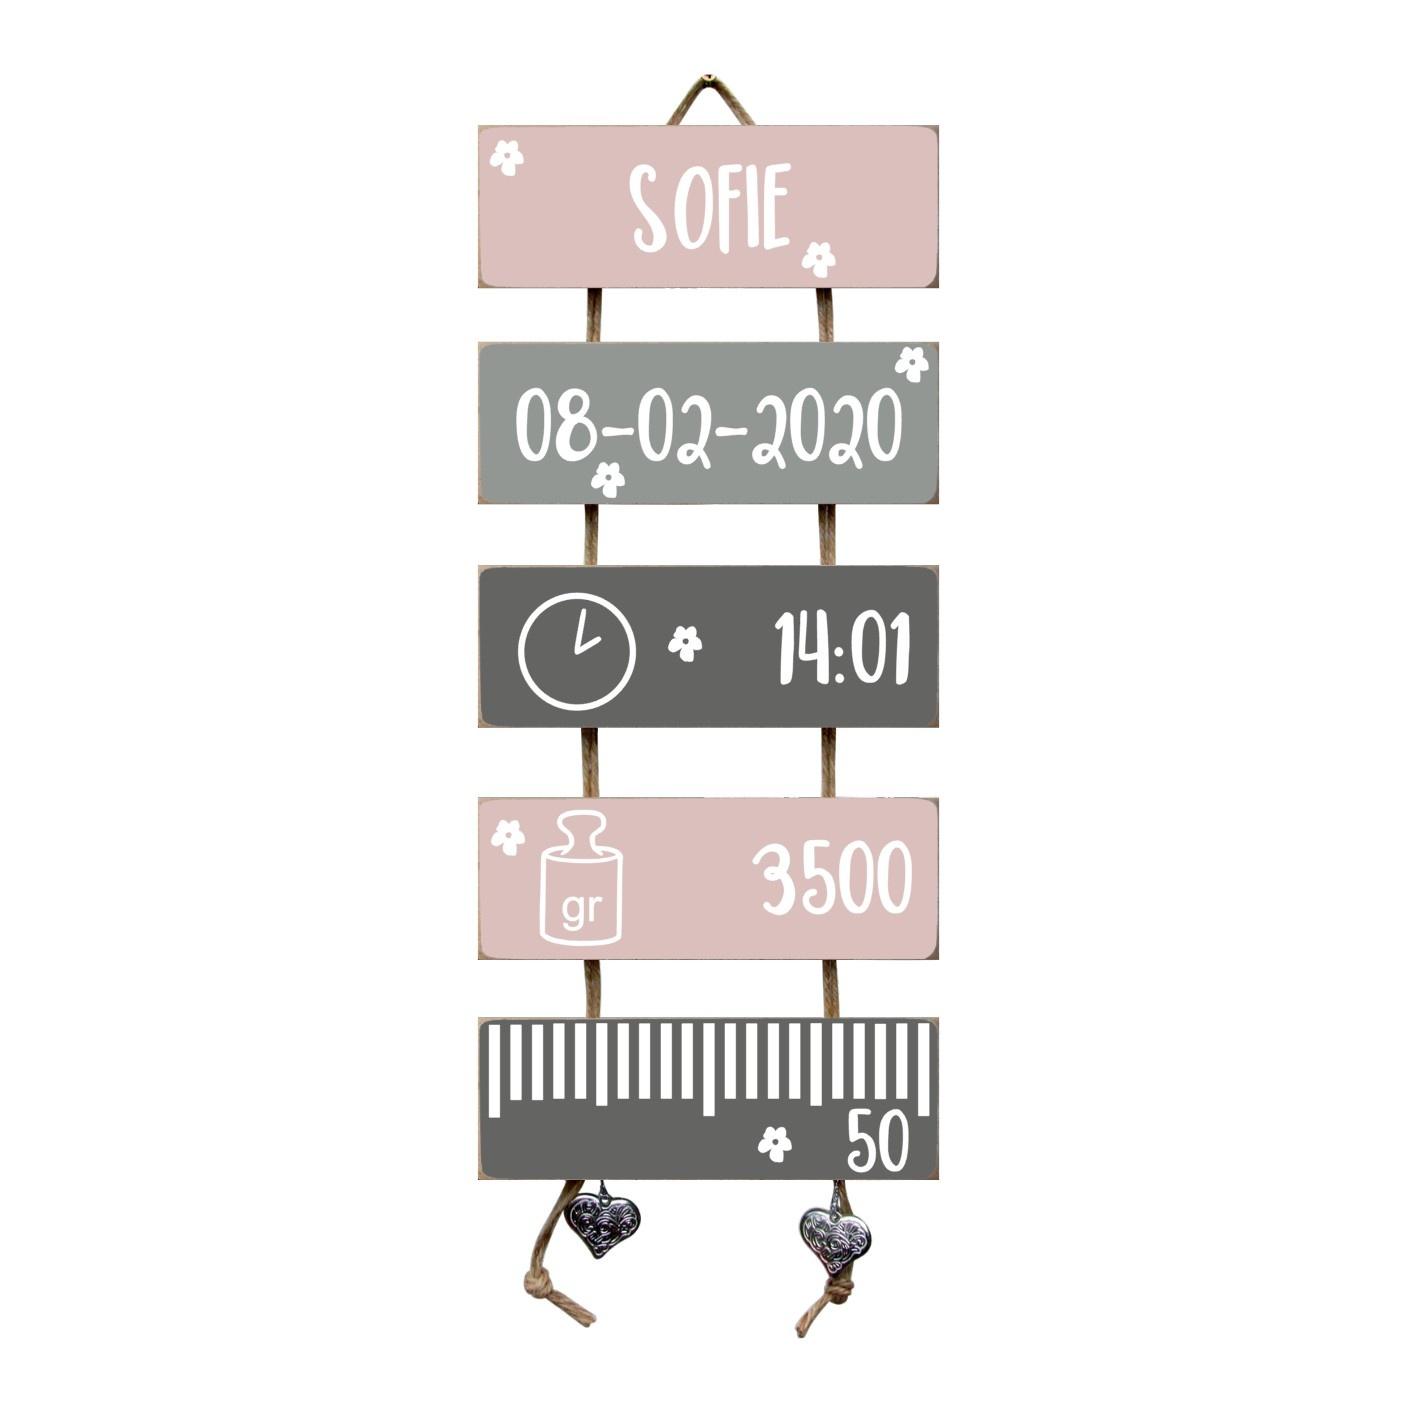 Kraamcadeau Geboorteladder Sofie lichtroze /grijs